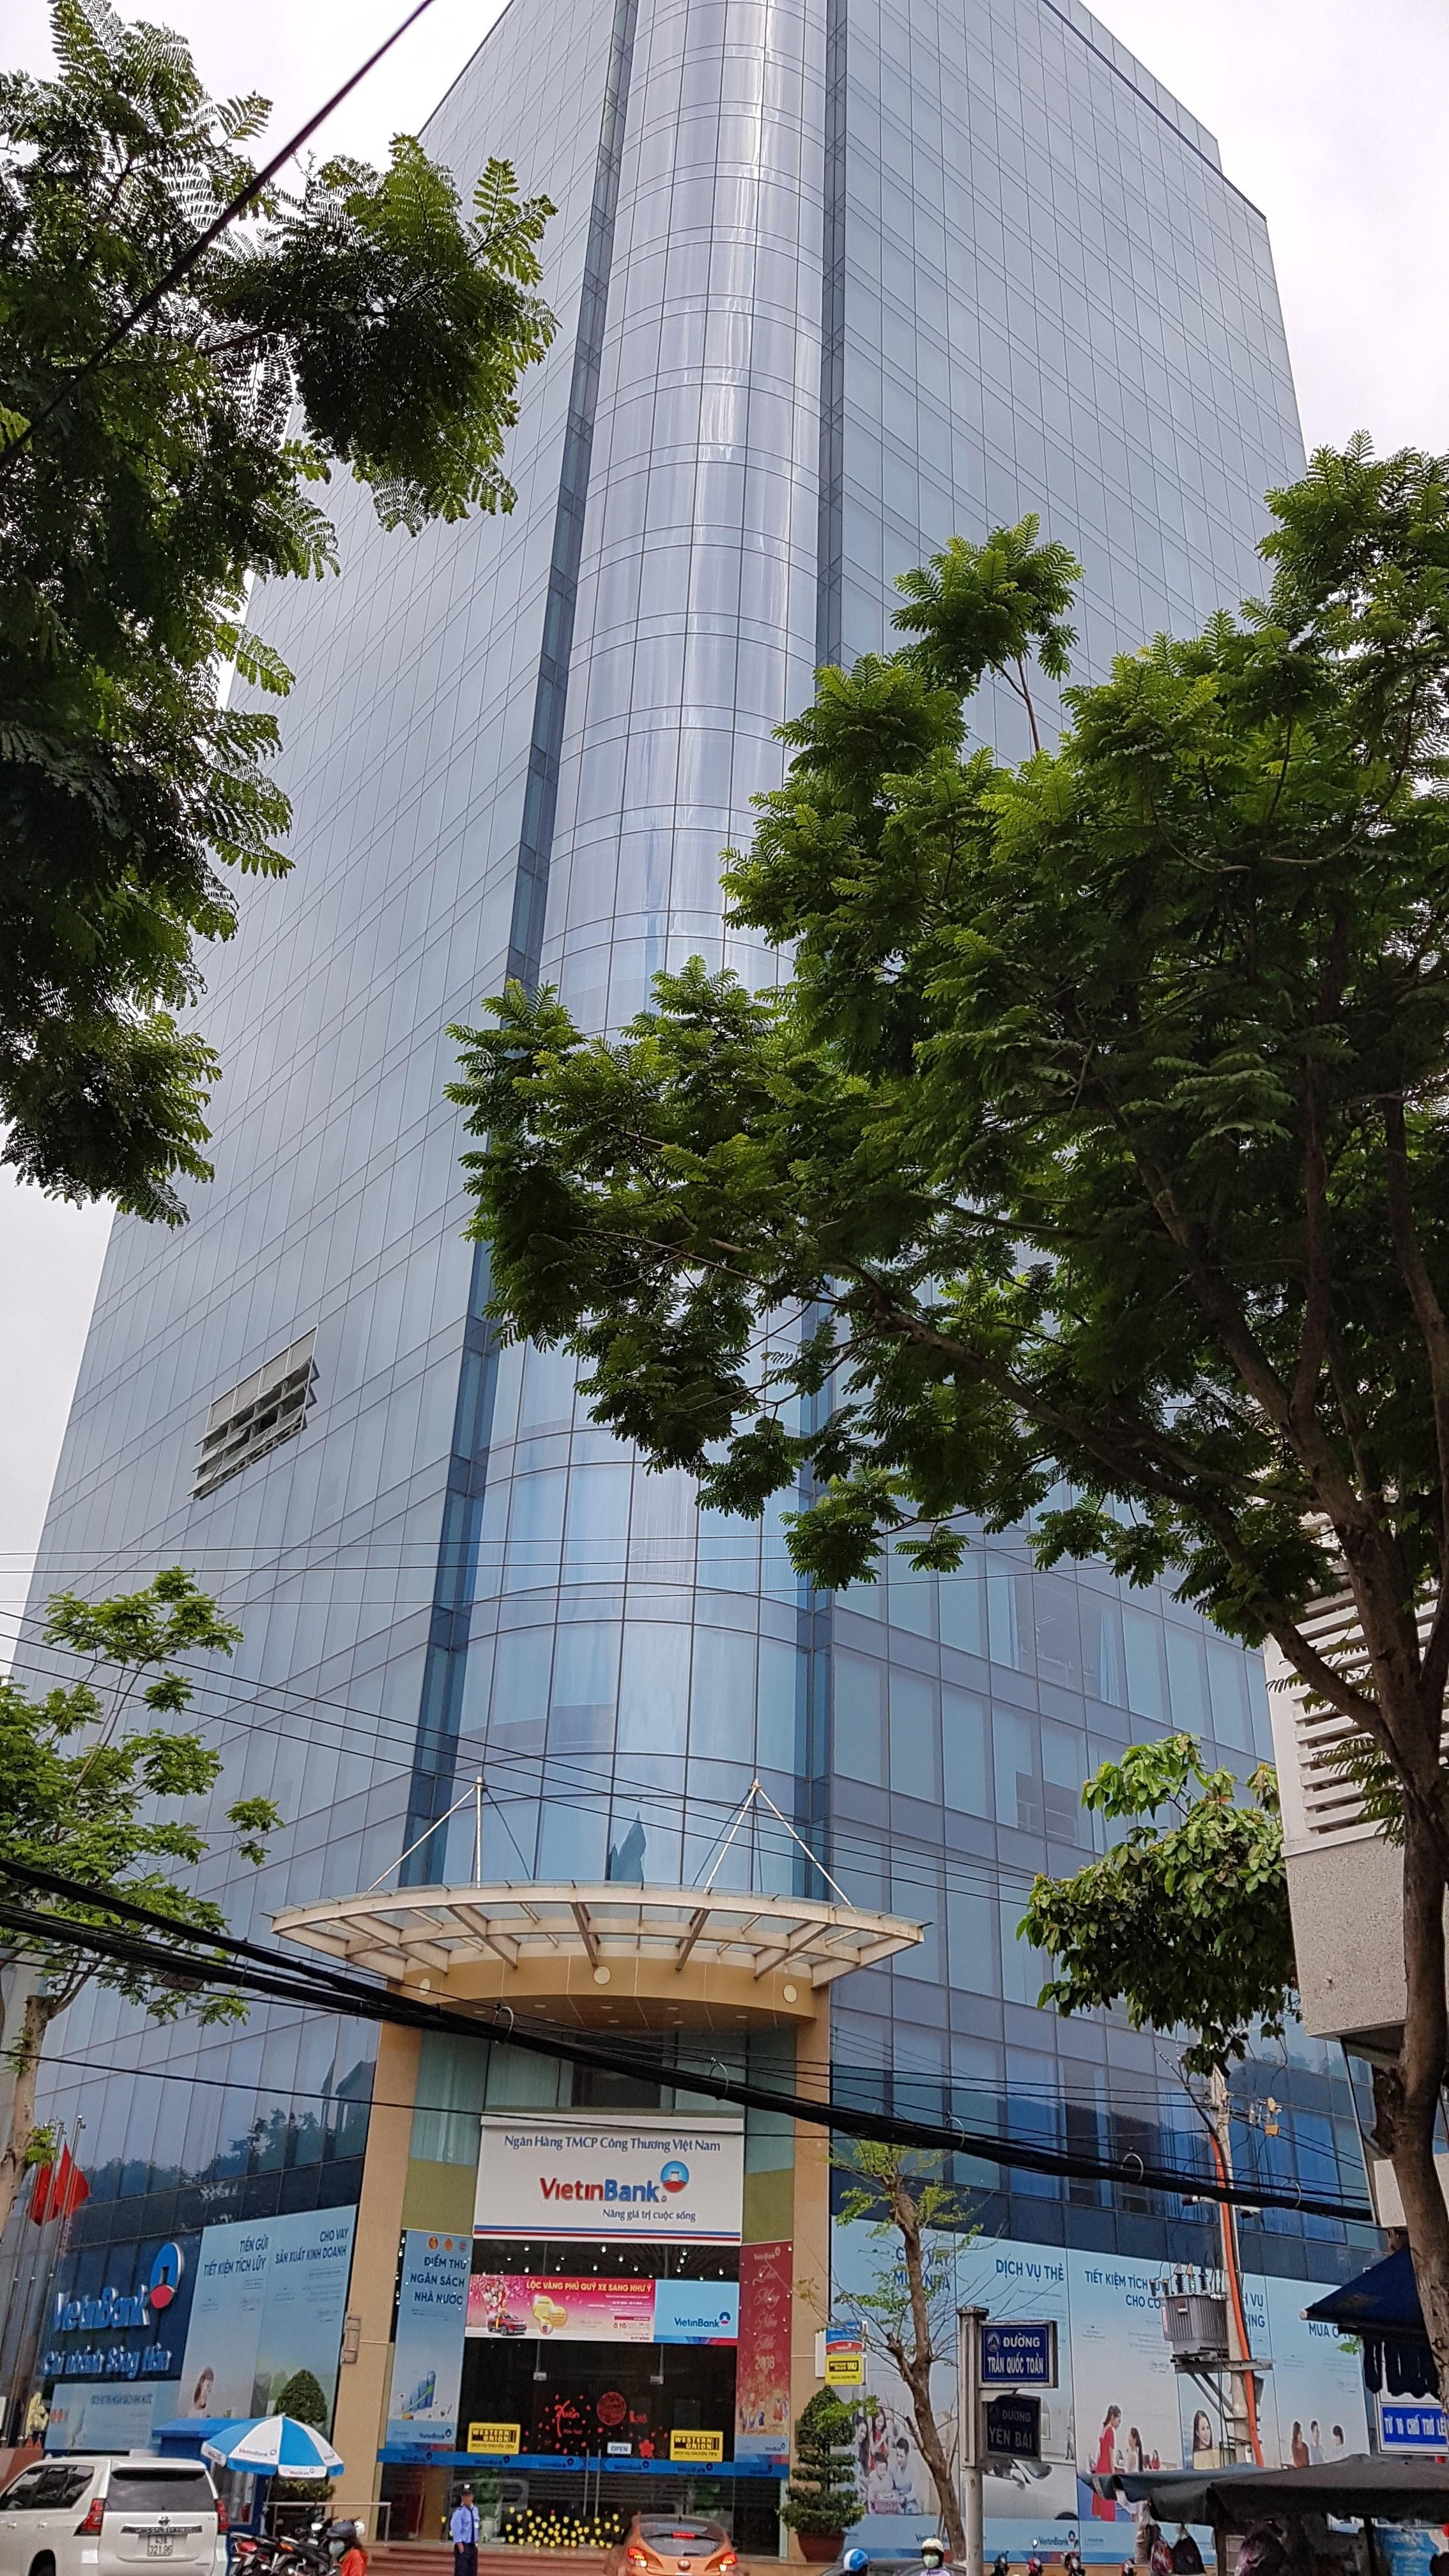 Cho thuê văn phòng đường Trần Quốc Toản, diện tích tối thiểu 100m2